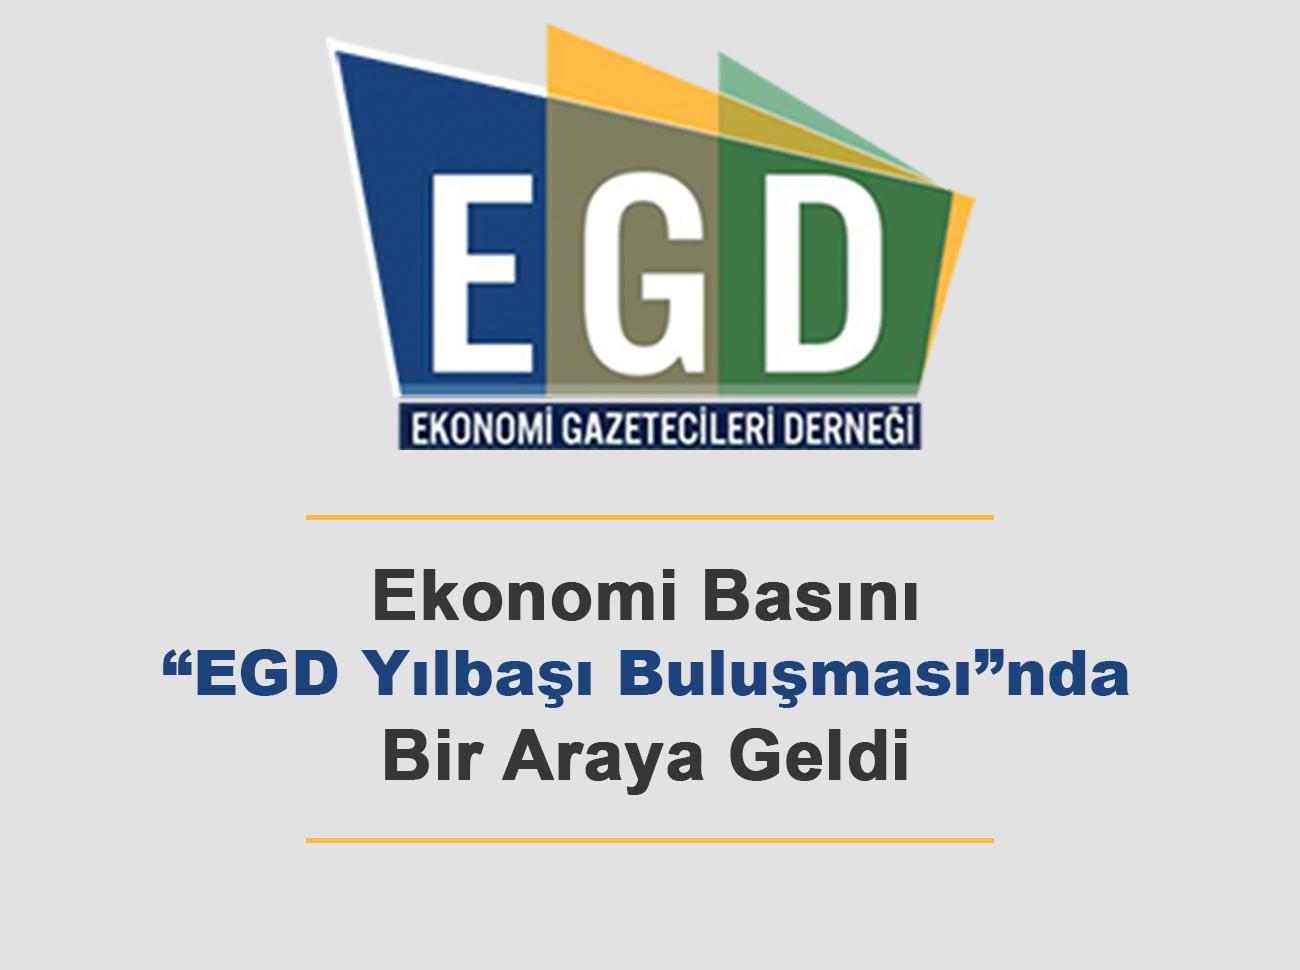 """Ekonomi Basını """"EGD Yılbaşı Buluşması""""nda Bir Araya Geldi"""